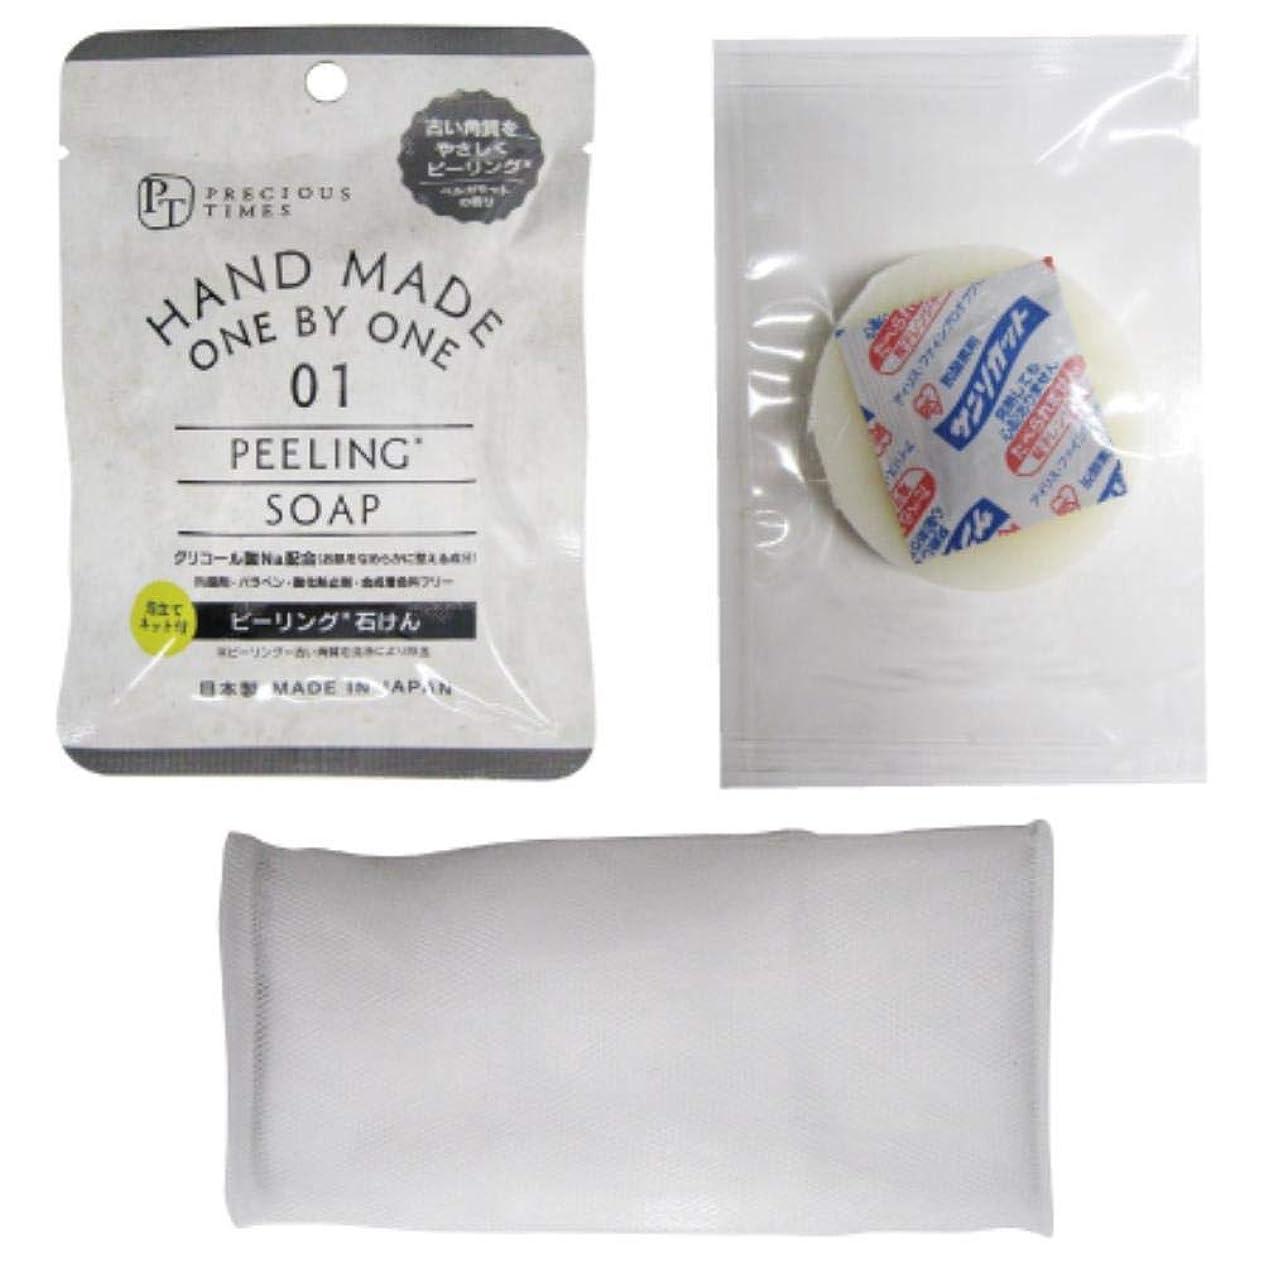 マーカーなにマキシムピーリング石鹸 12g ベルガモット 香り 泡立てネット付 PEELING SOAP 日本製 HAND MADE 角質除去 防腐剤等無添加 わくねり化粧石けん